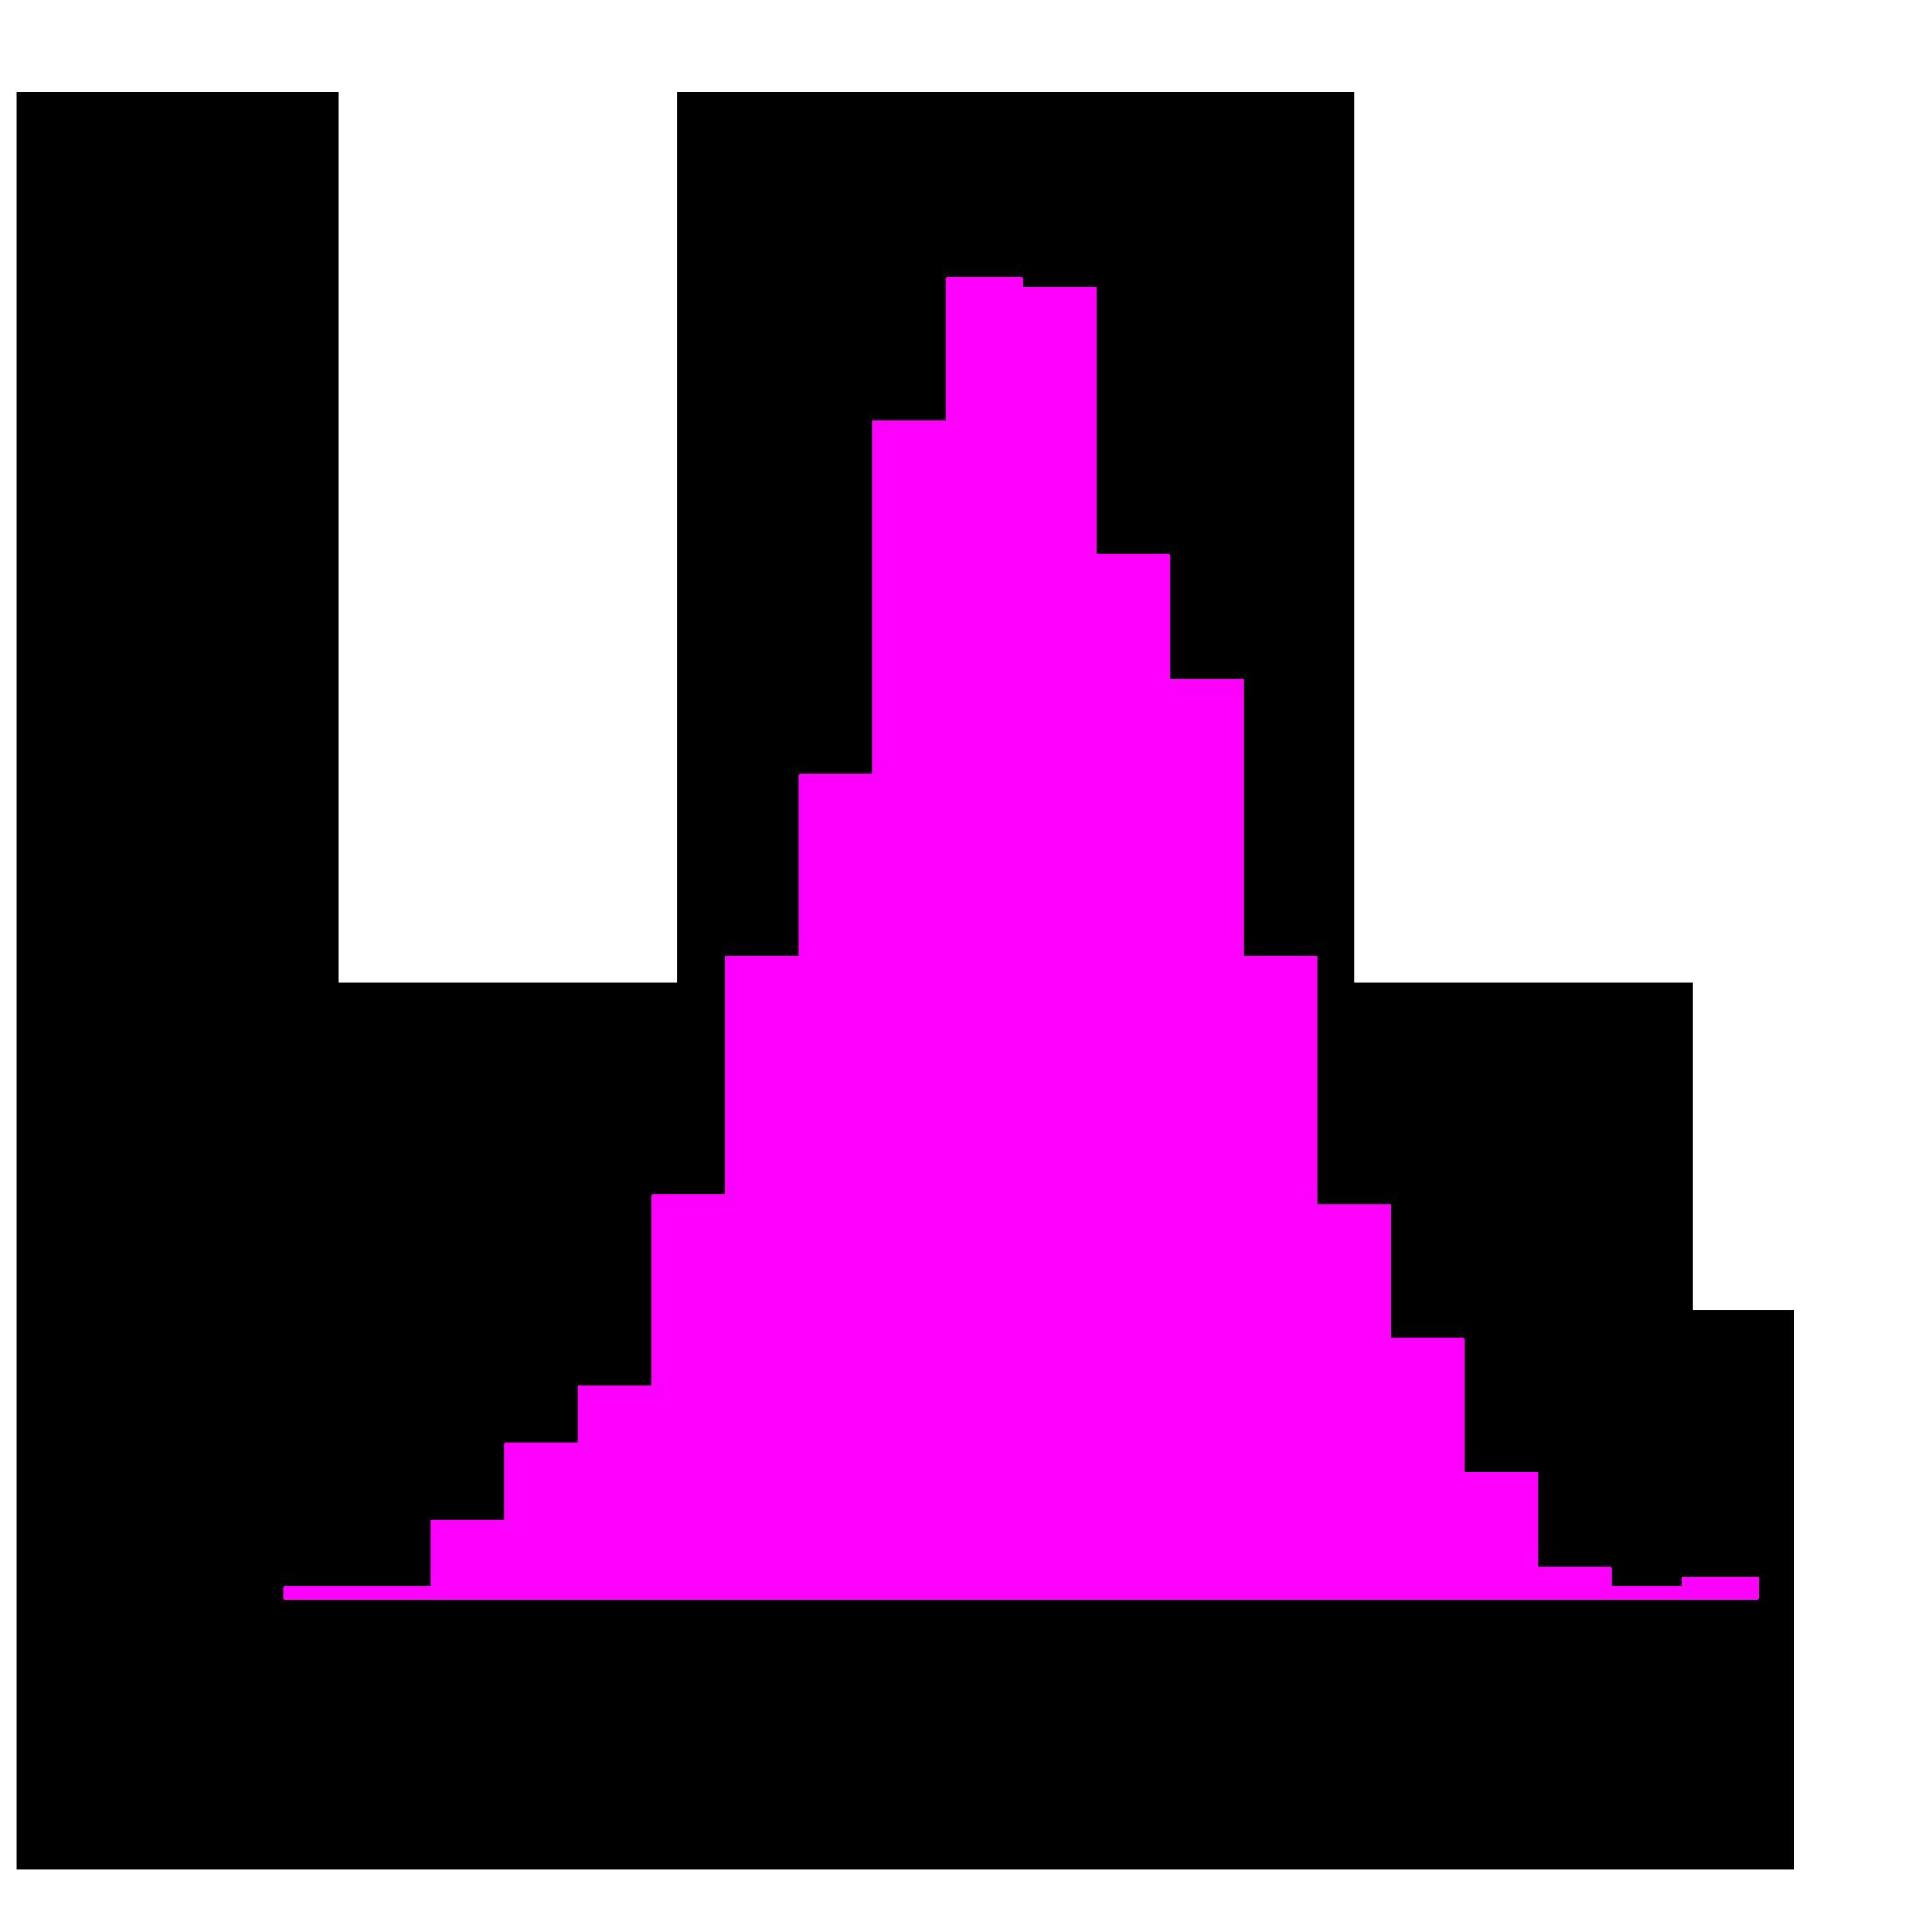 値 p F 検定